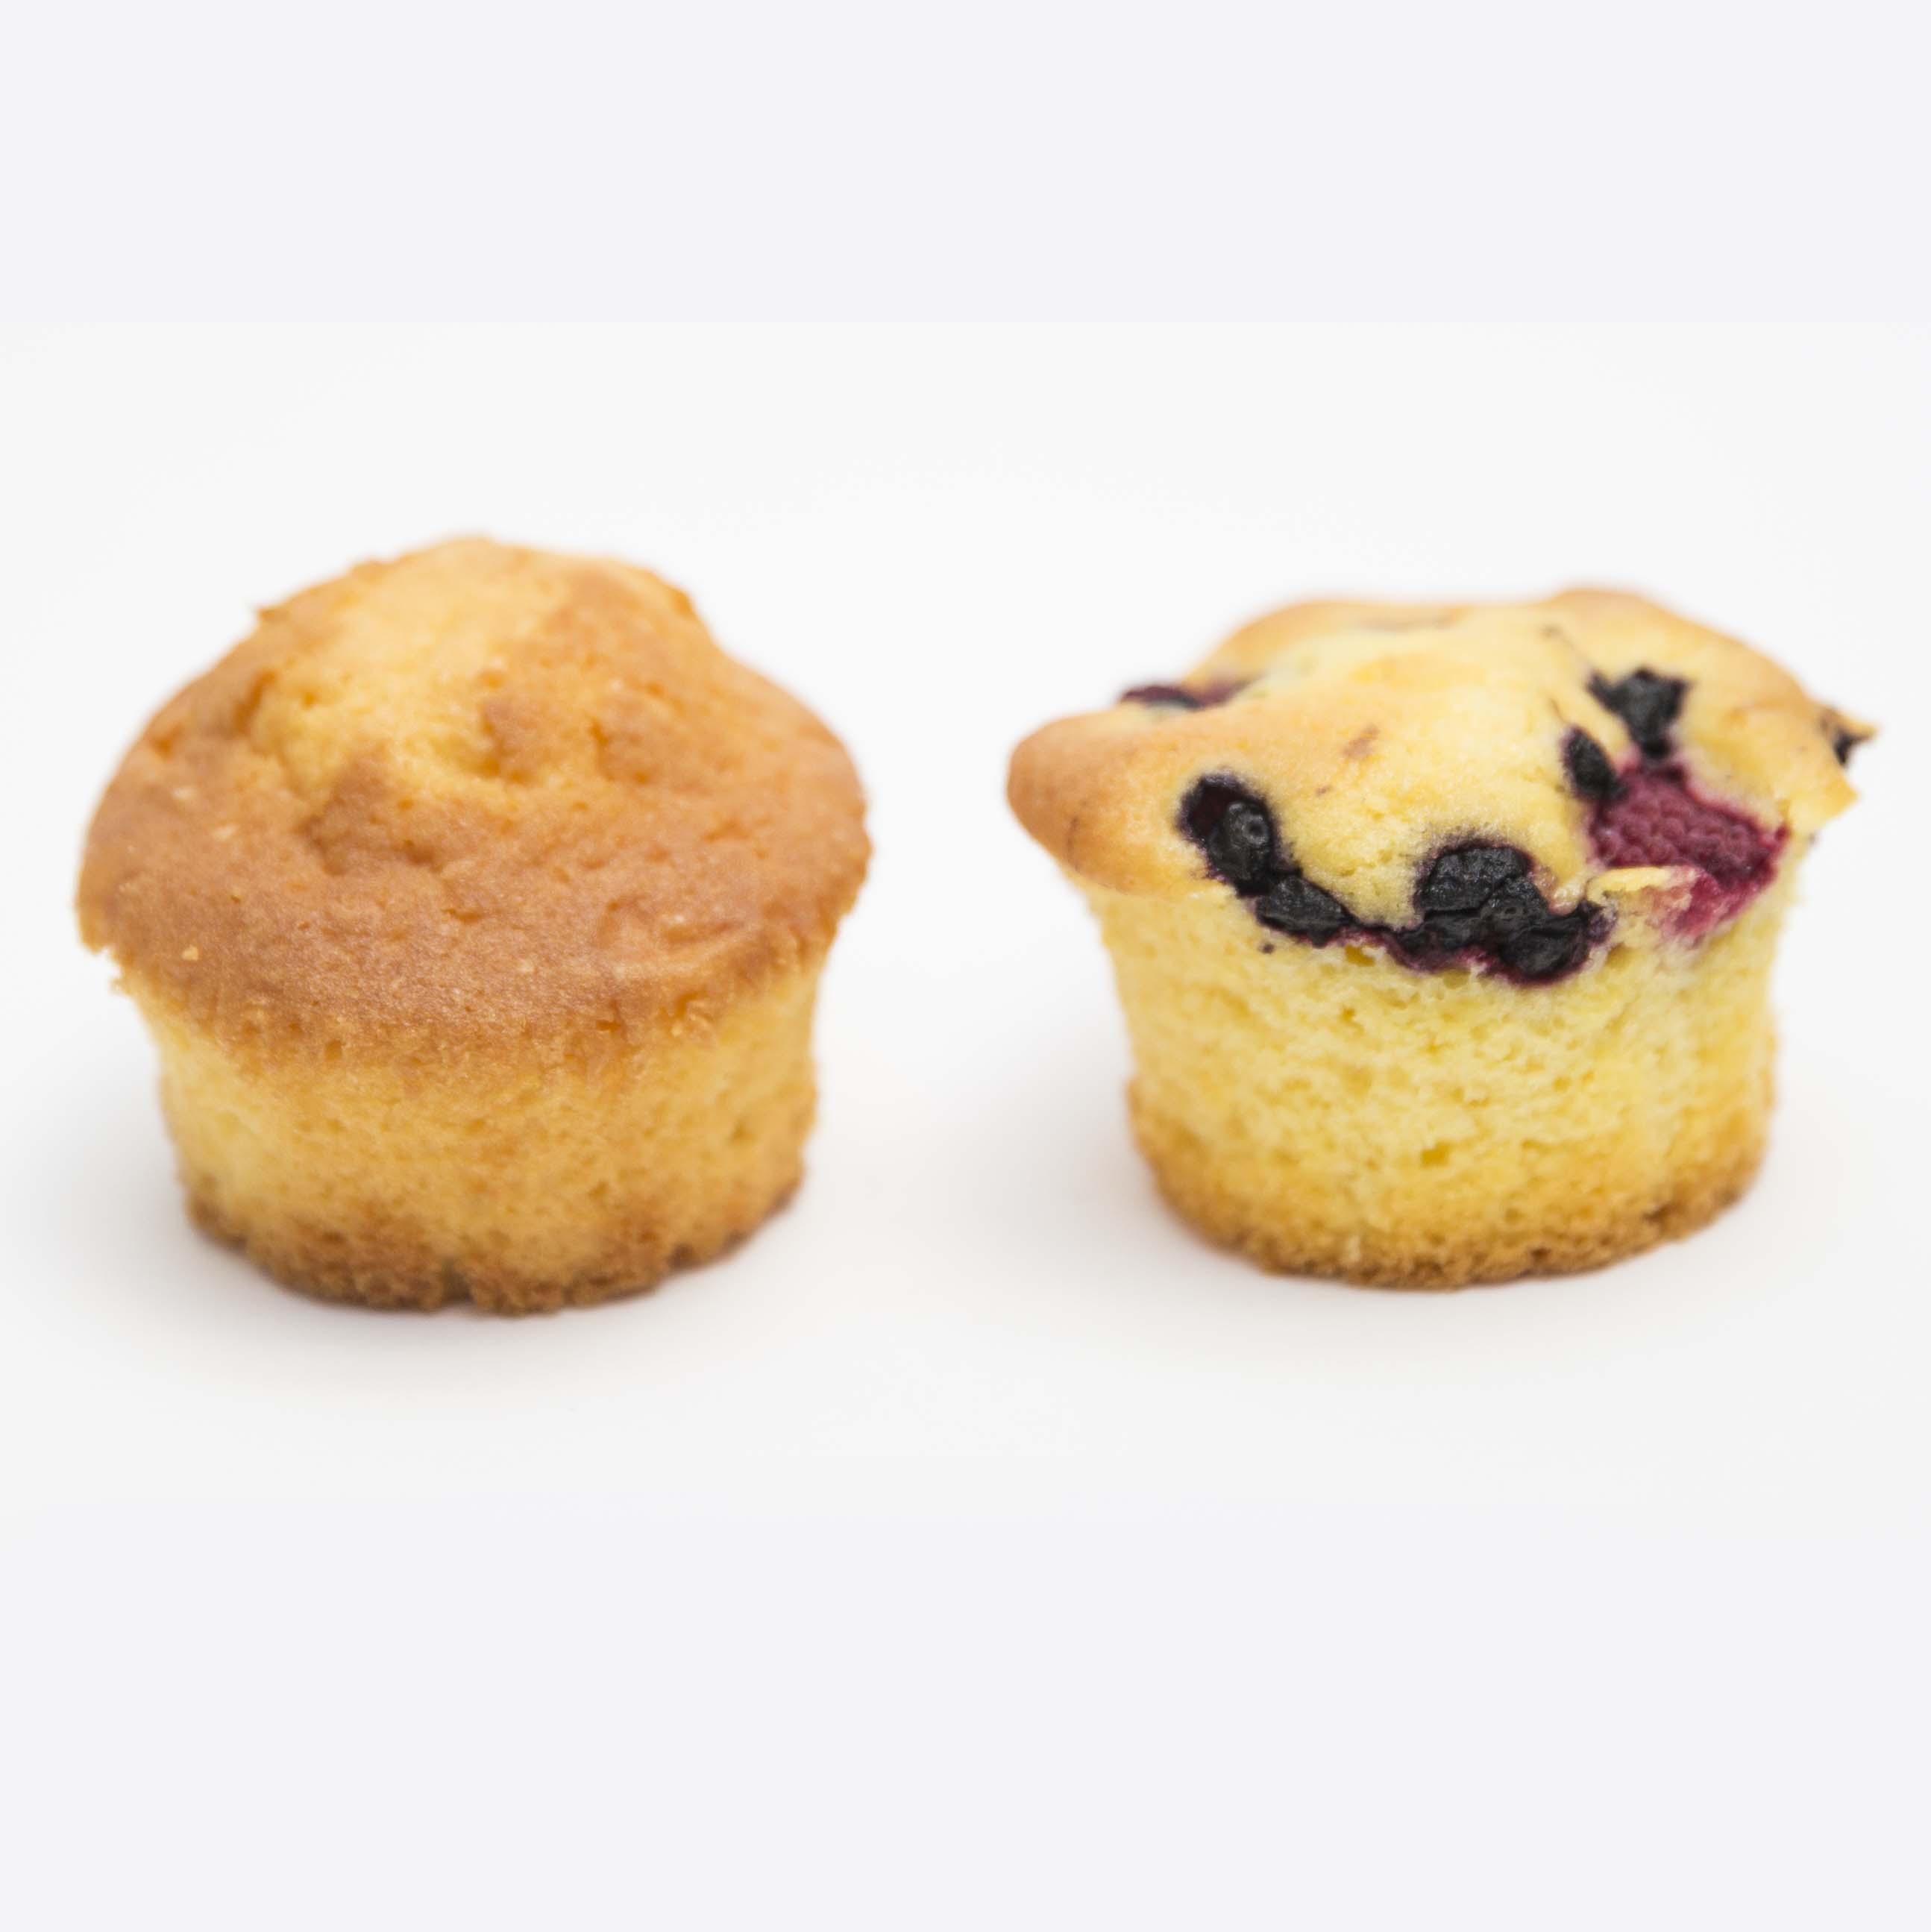 Muffins 5153 (specials)